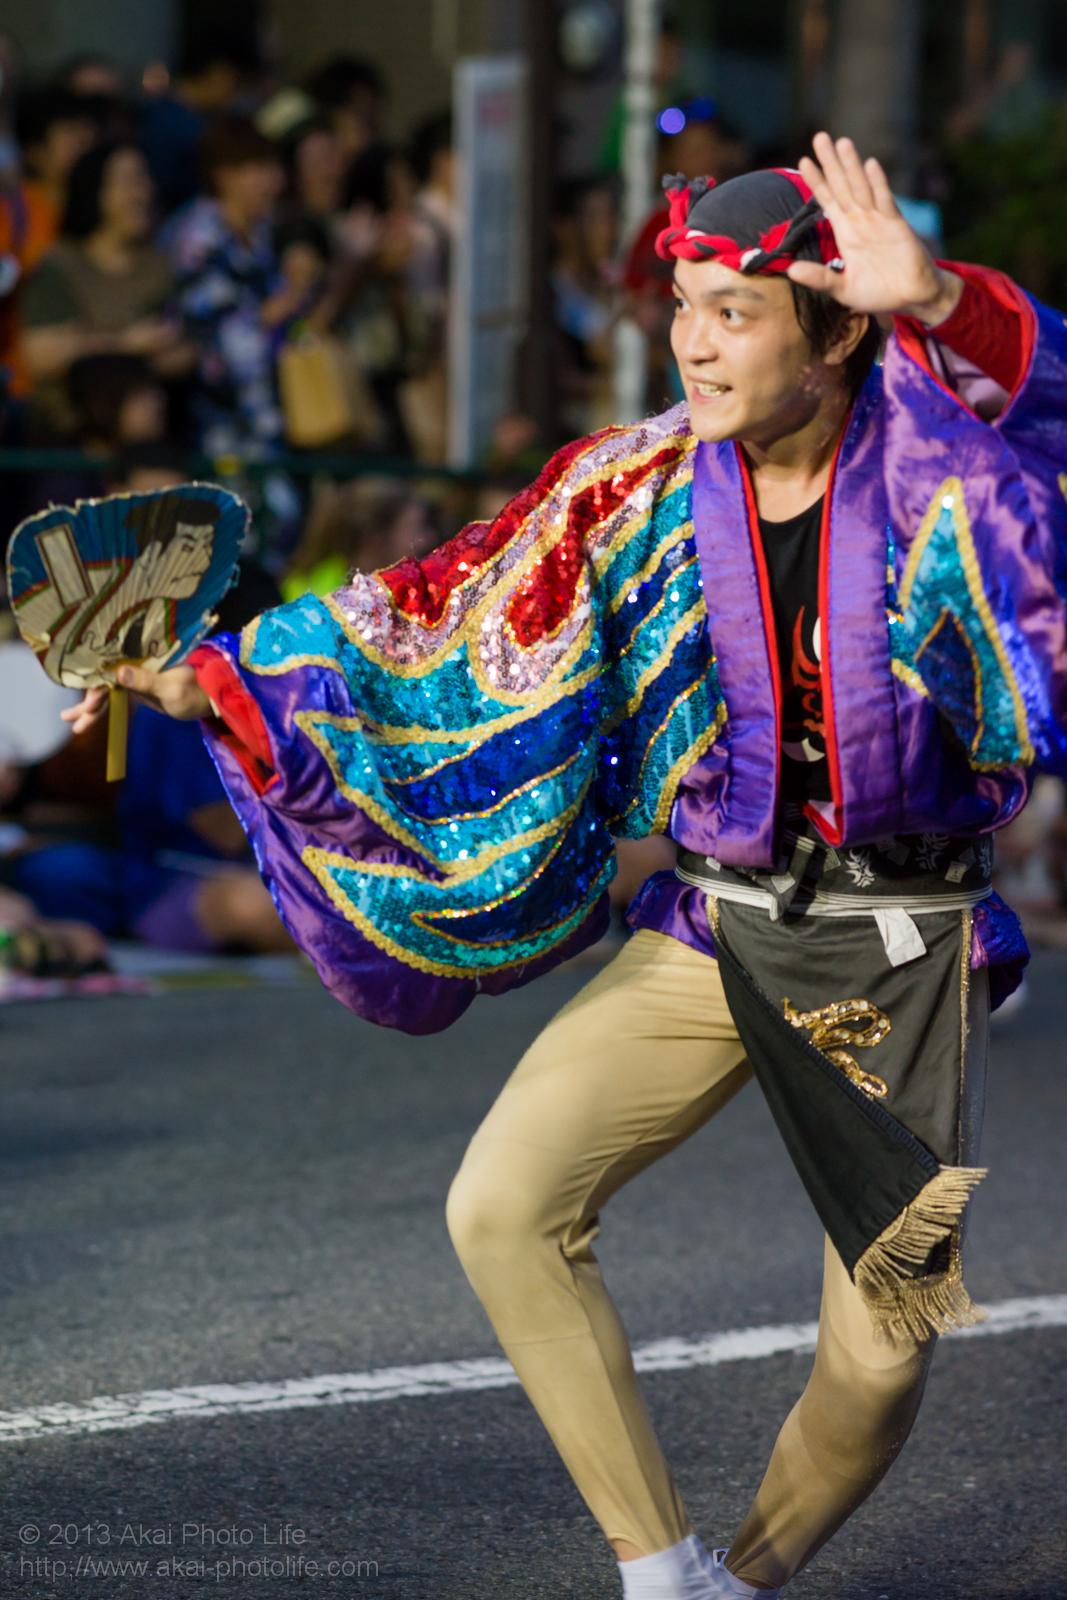 高円寺阿波踊り 写楽連のやっこ凧役の方の団扇踊り